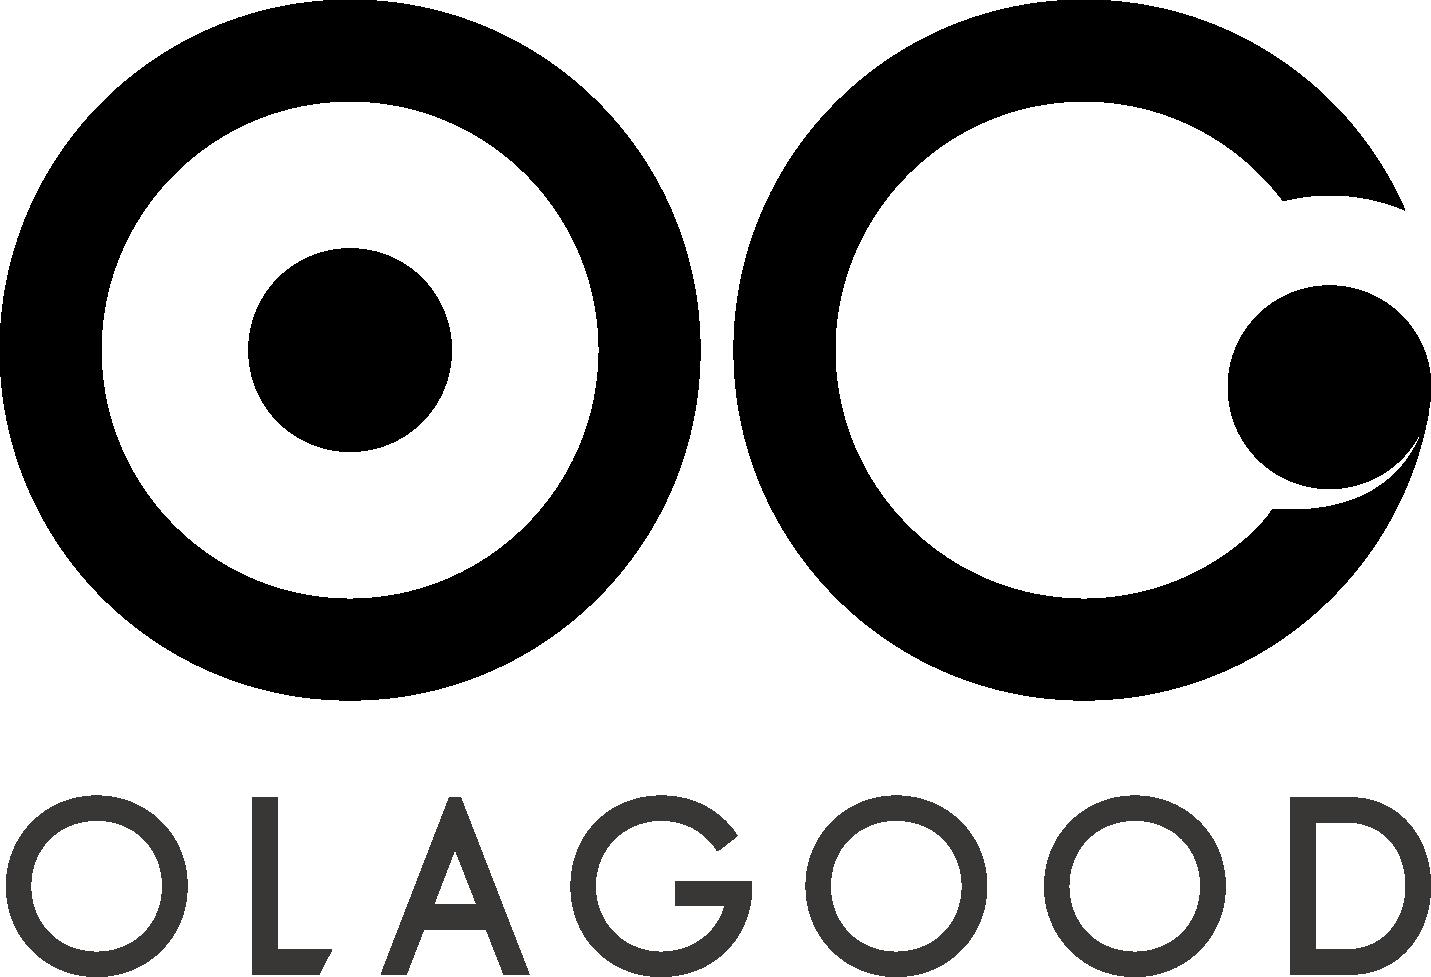 Olagood